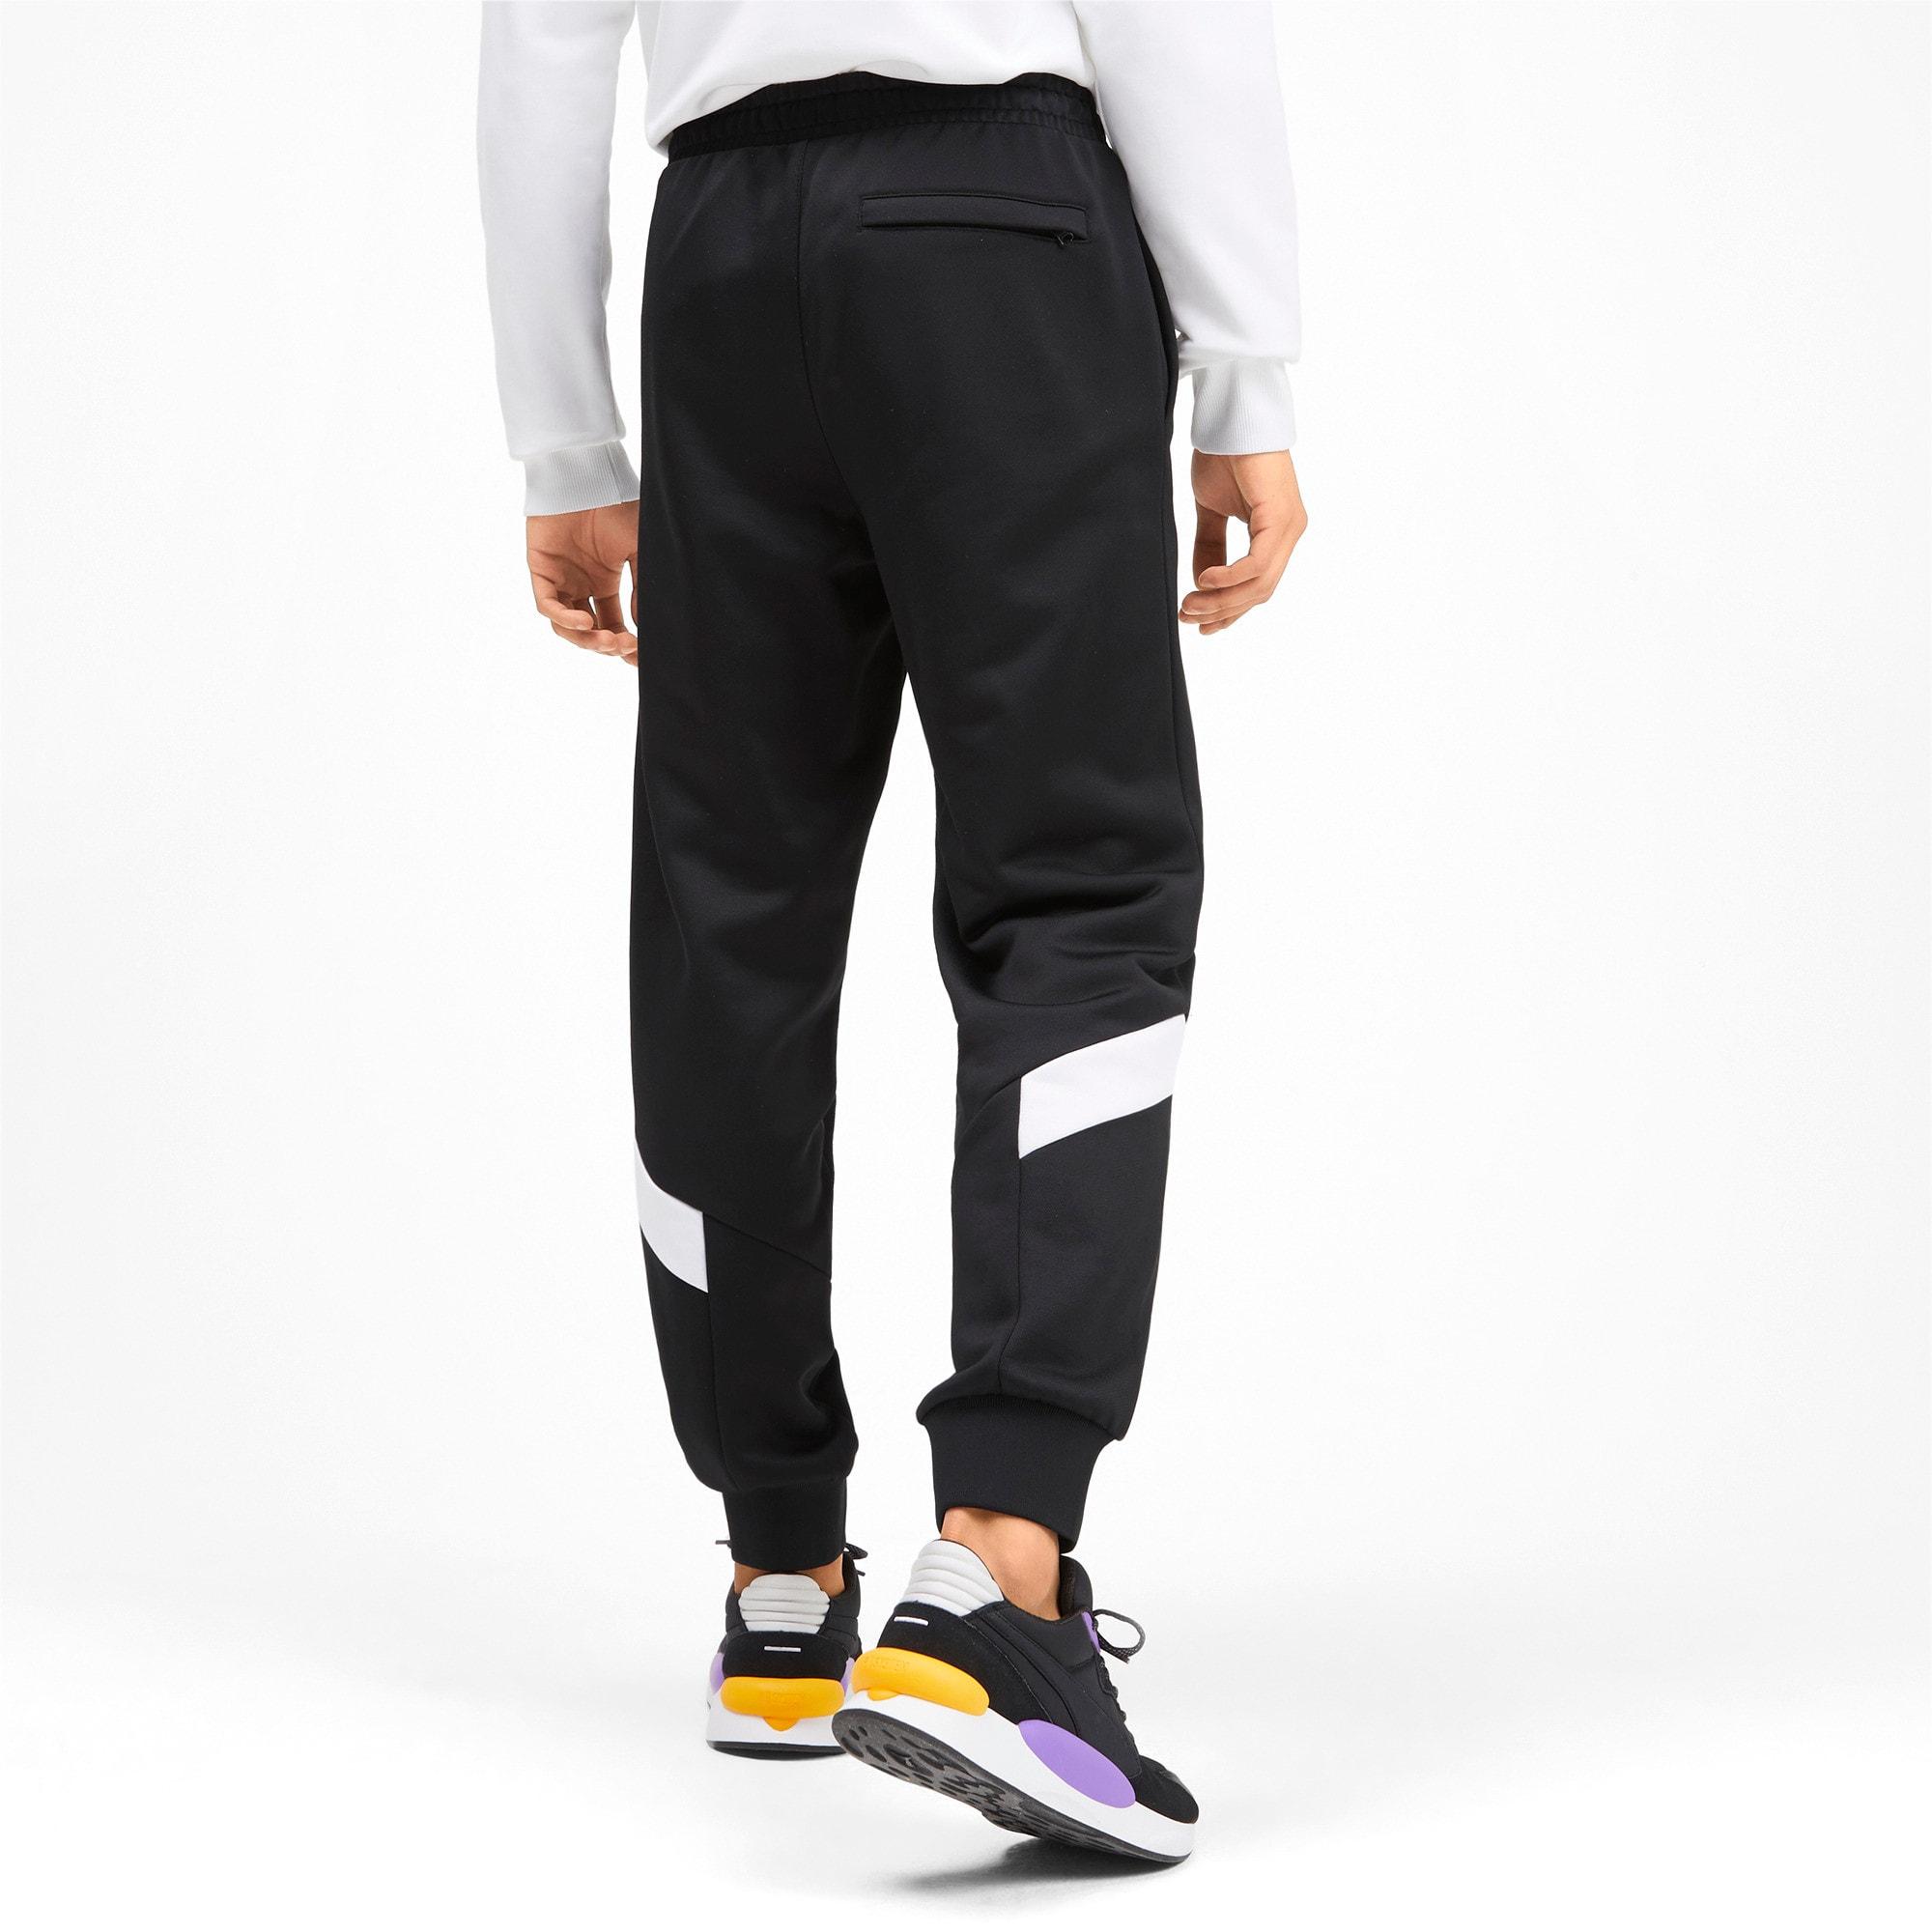 Thumbnail 2 of Iconic MCS Men's Track Pants, Puma Black, medium